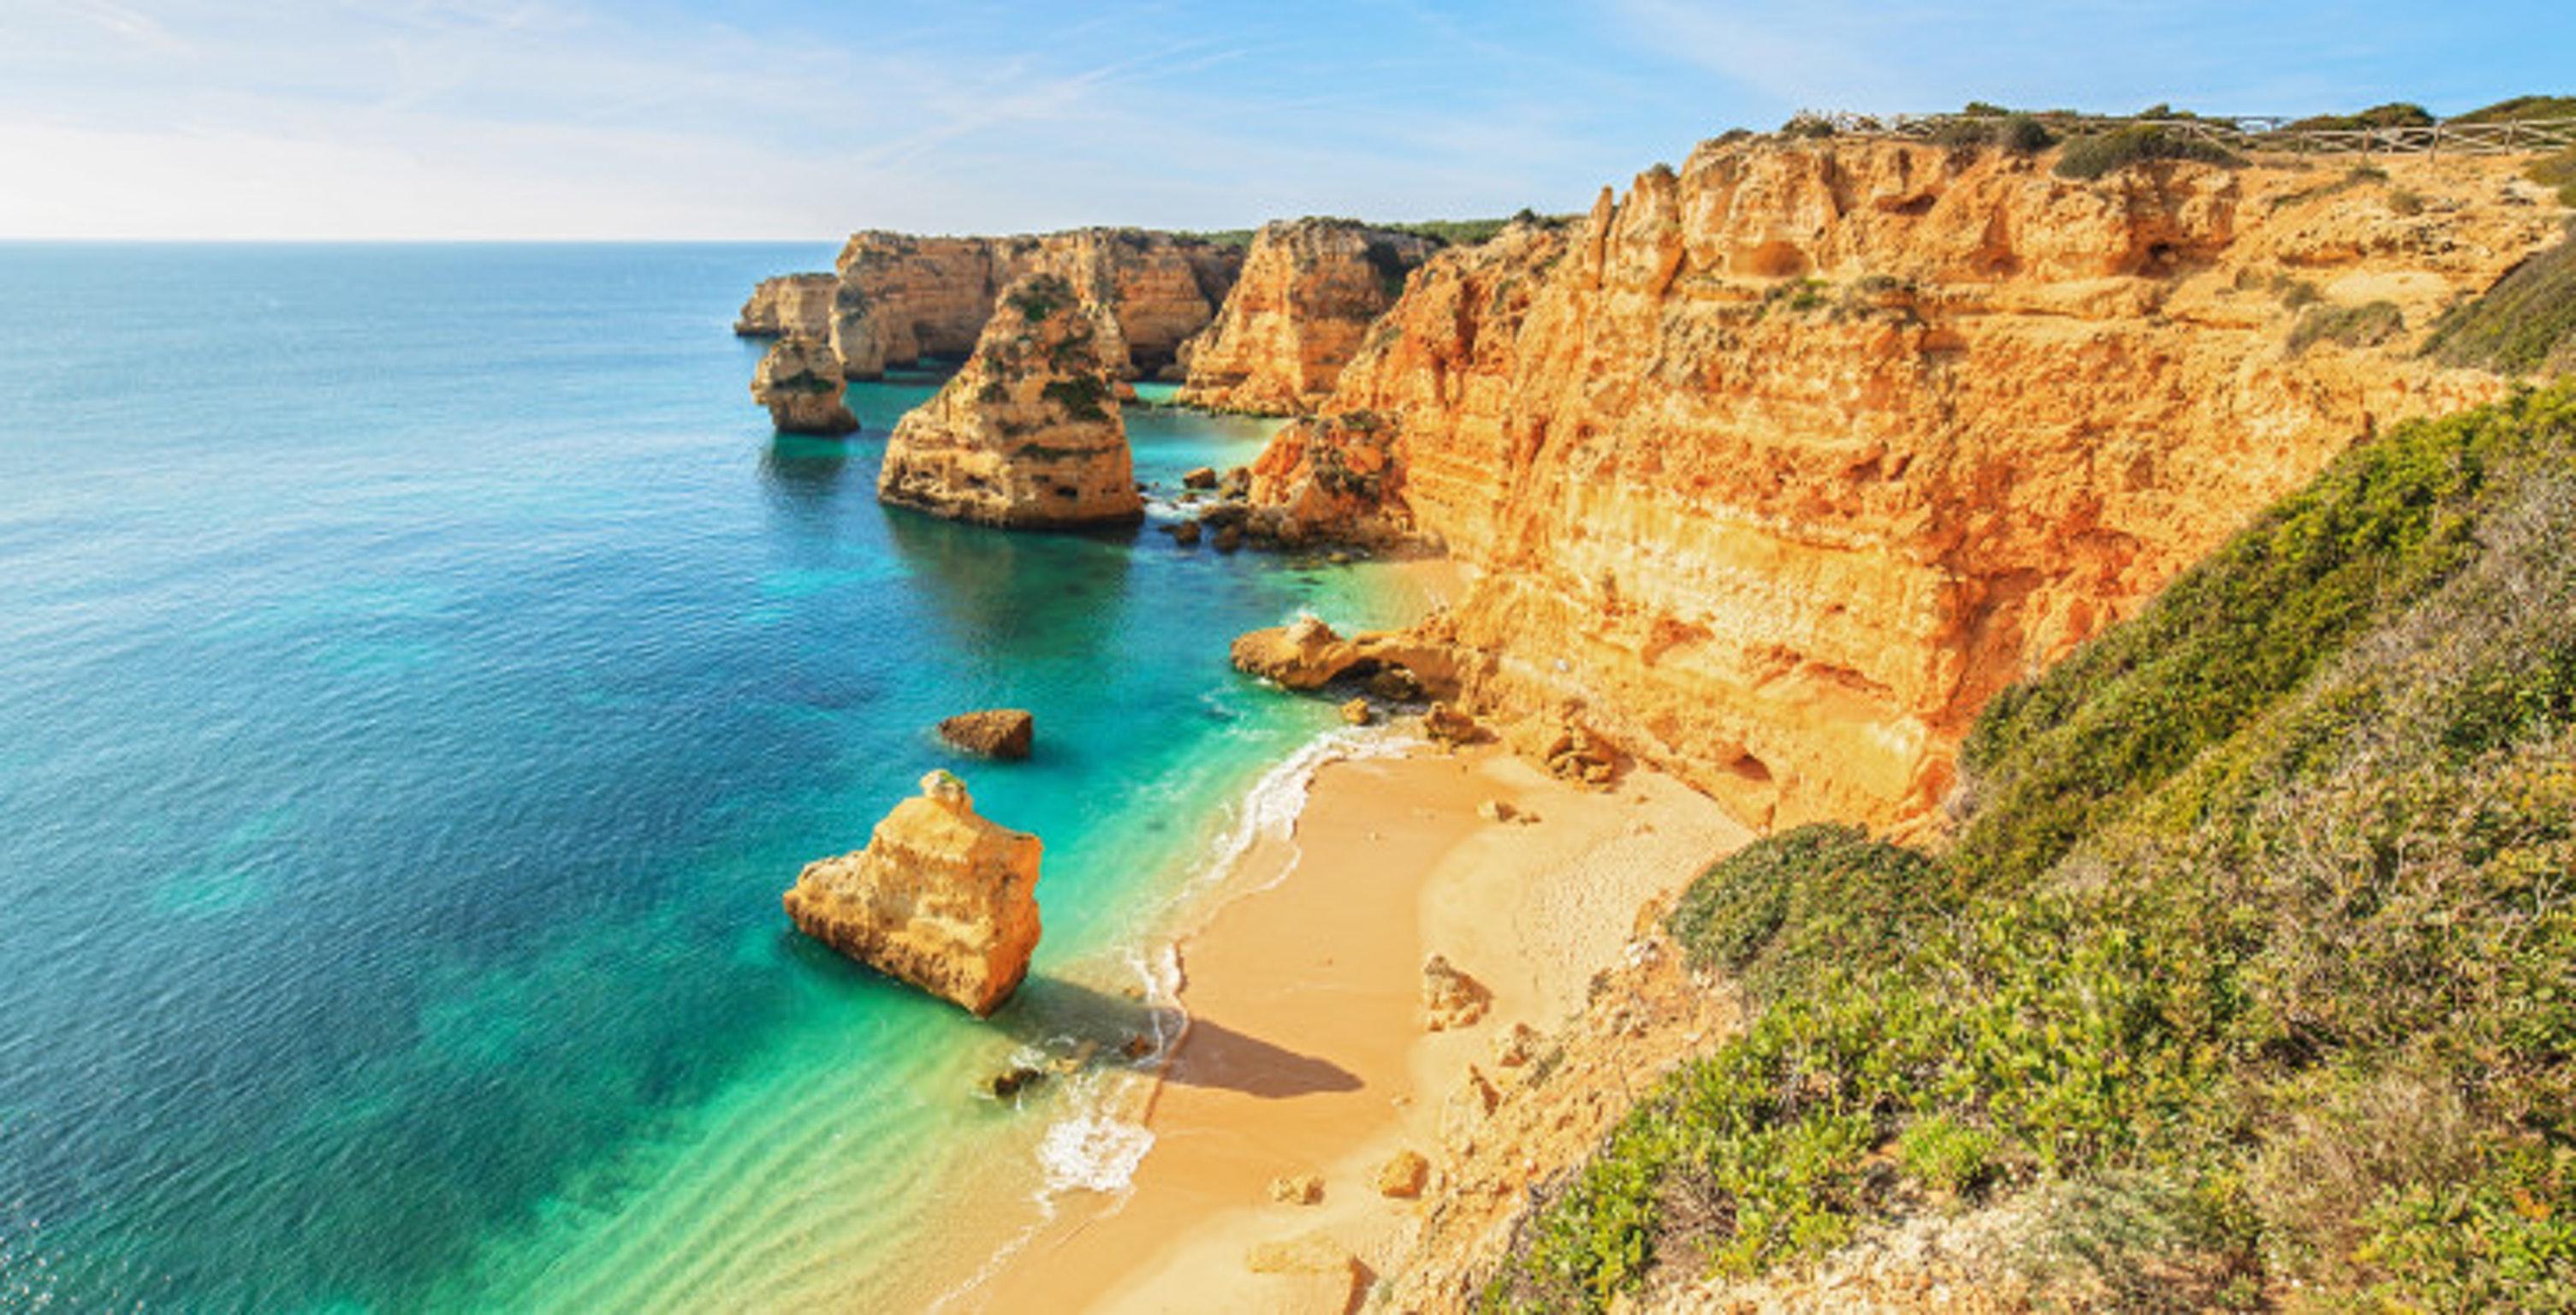 Ferienwohnung Wohnung mit 2 Schlafzimmern in Parchal mit Pool, Balkon und W-LAN - 1 km vom Strand entfer (2622202), Parchal, , Algarve, Portugal, Bild 16